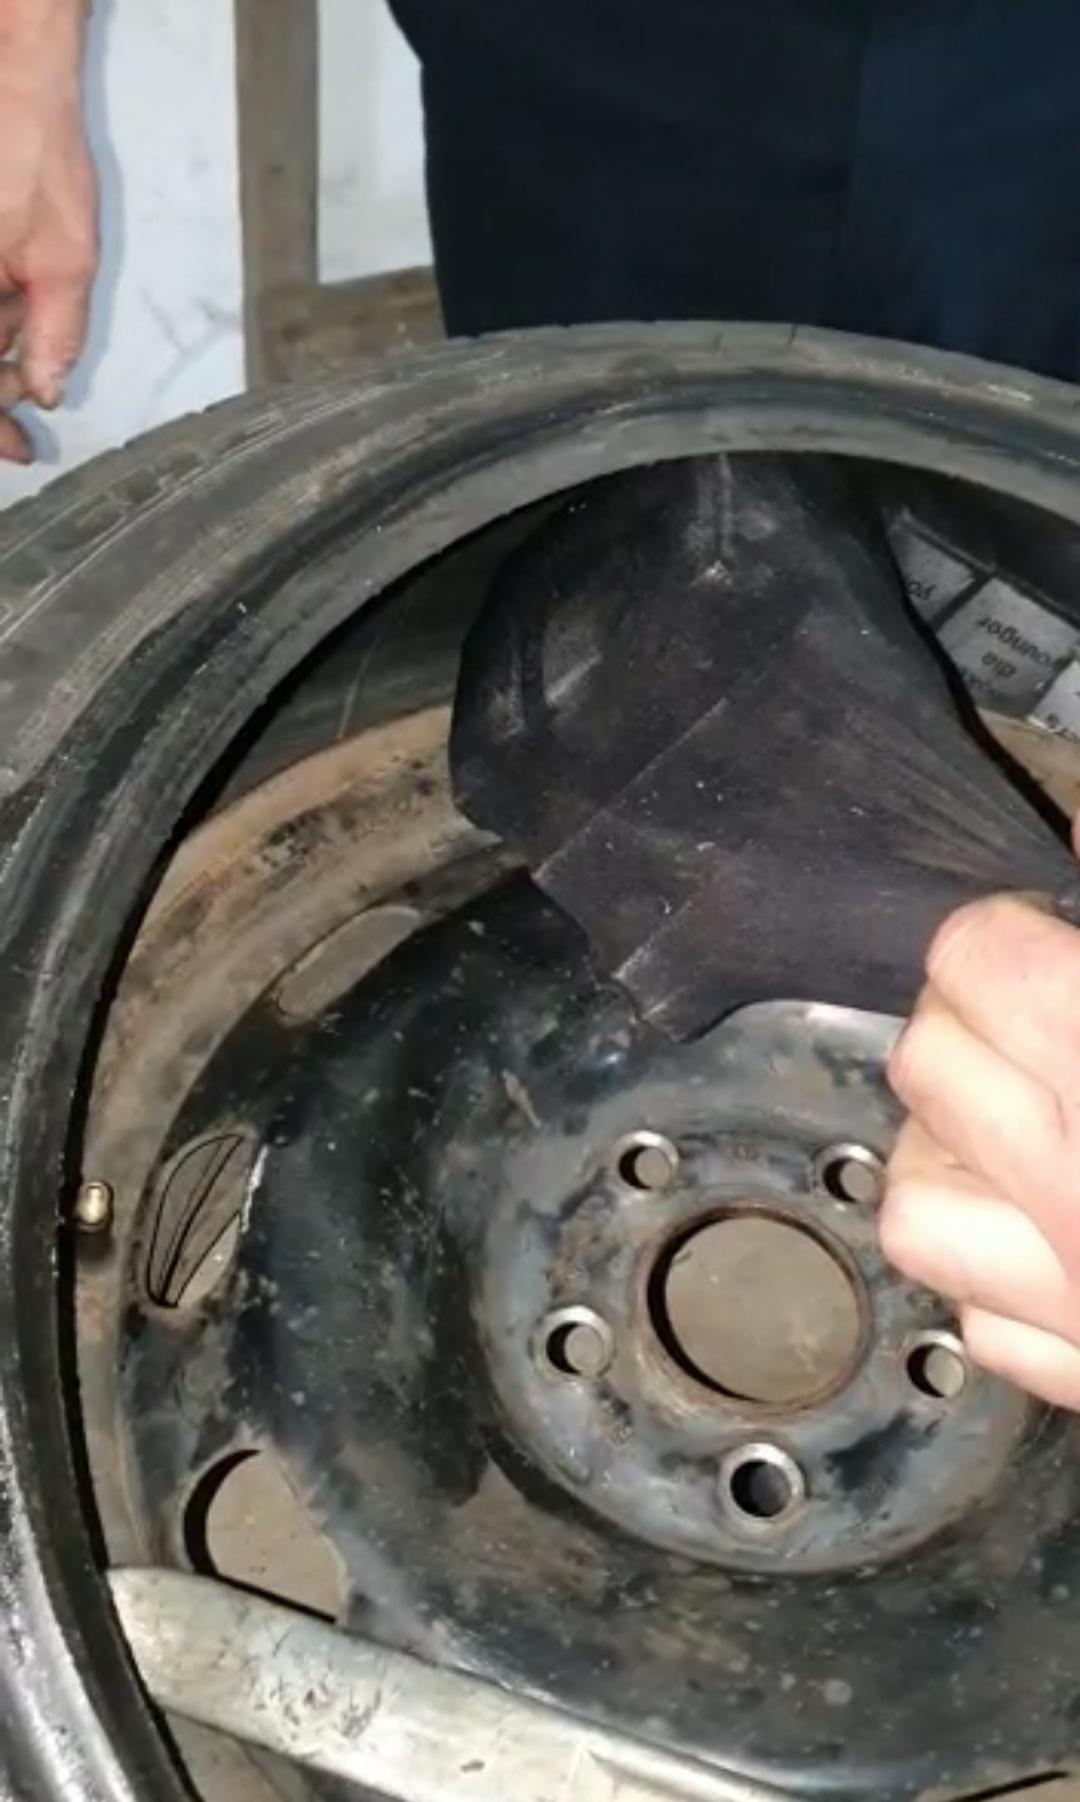 Закарпатка намагалася перевезти контрабандні цигарки у колесах автомобіля